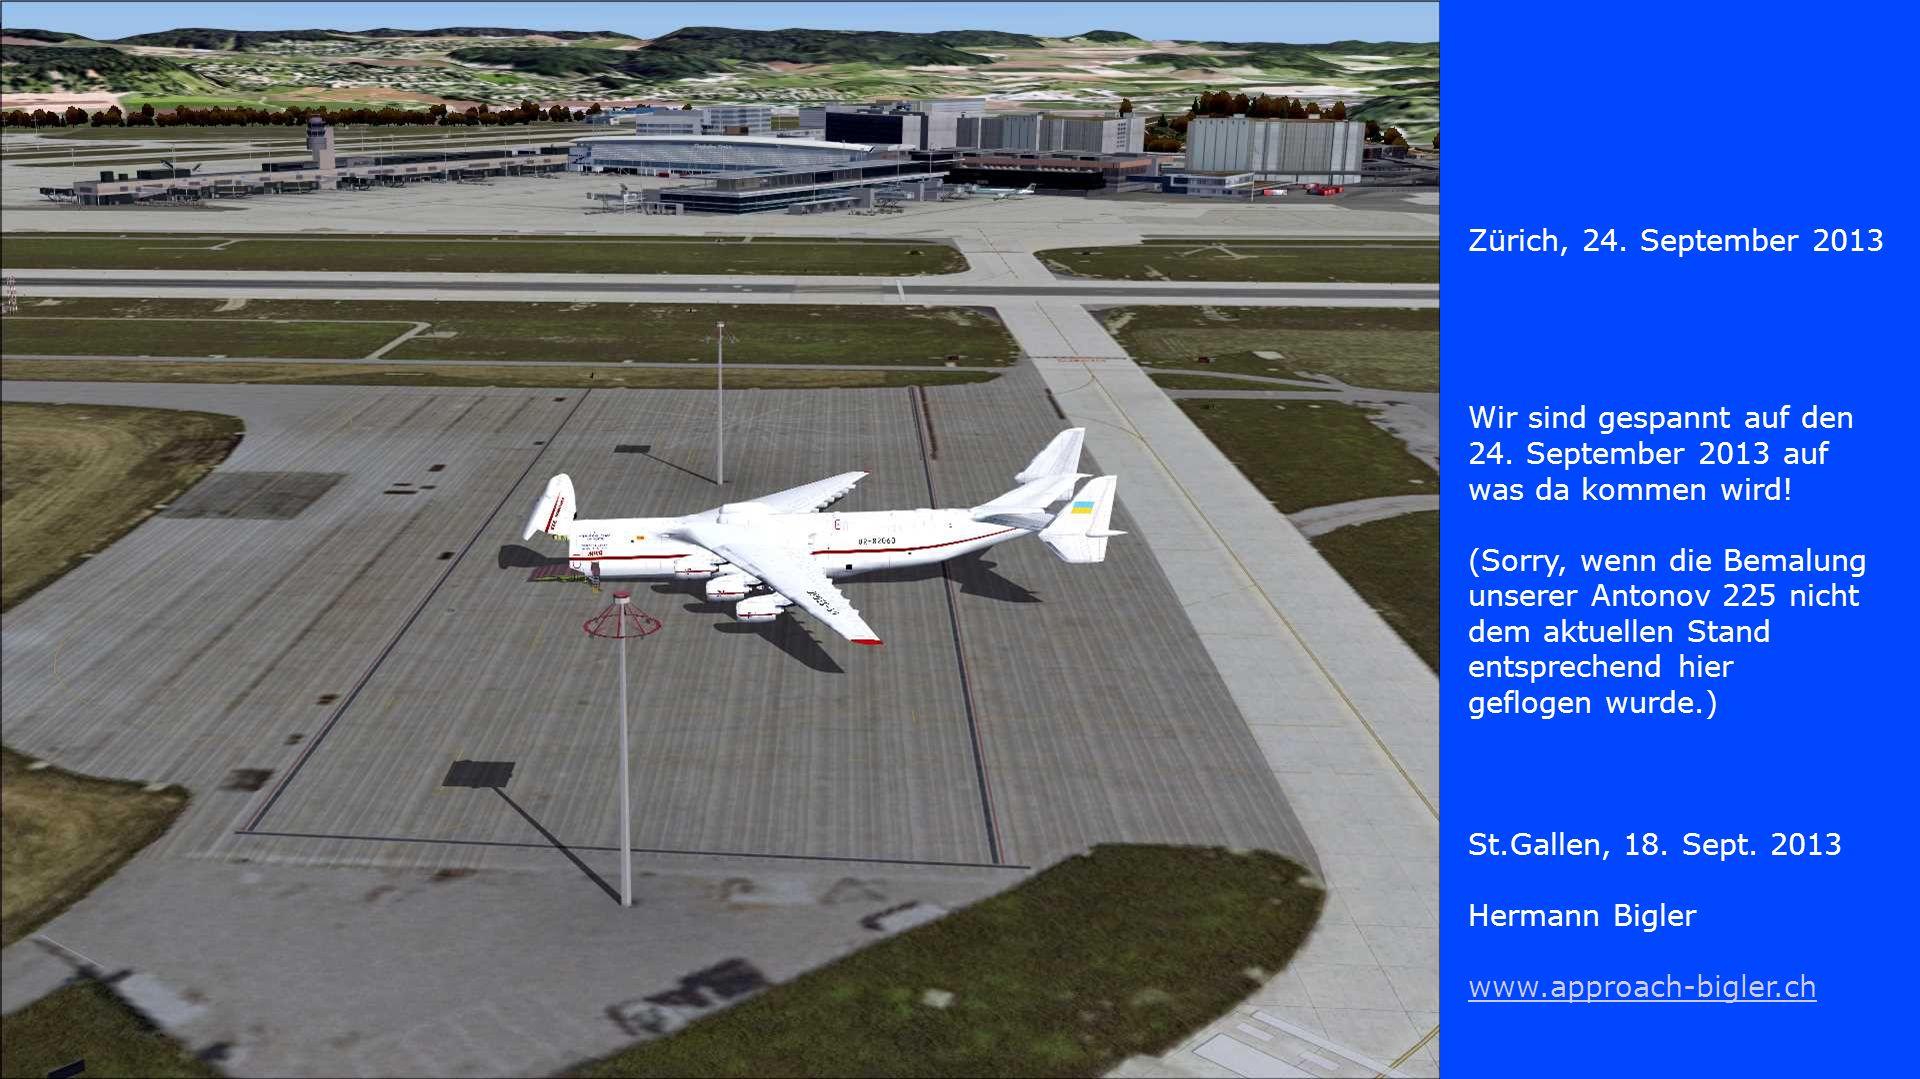 Wir sind gespannt auf den 24. September 2013 auf was da kommen wird! (Sorry, wenn die Bemalung unserer Antonov 225 nicht dem aktuellen Stand entsprech